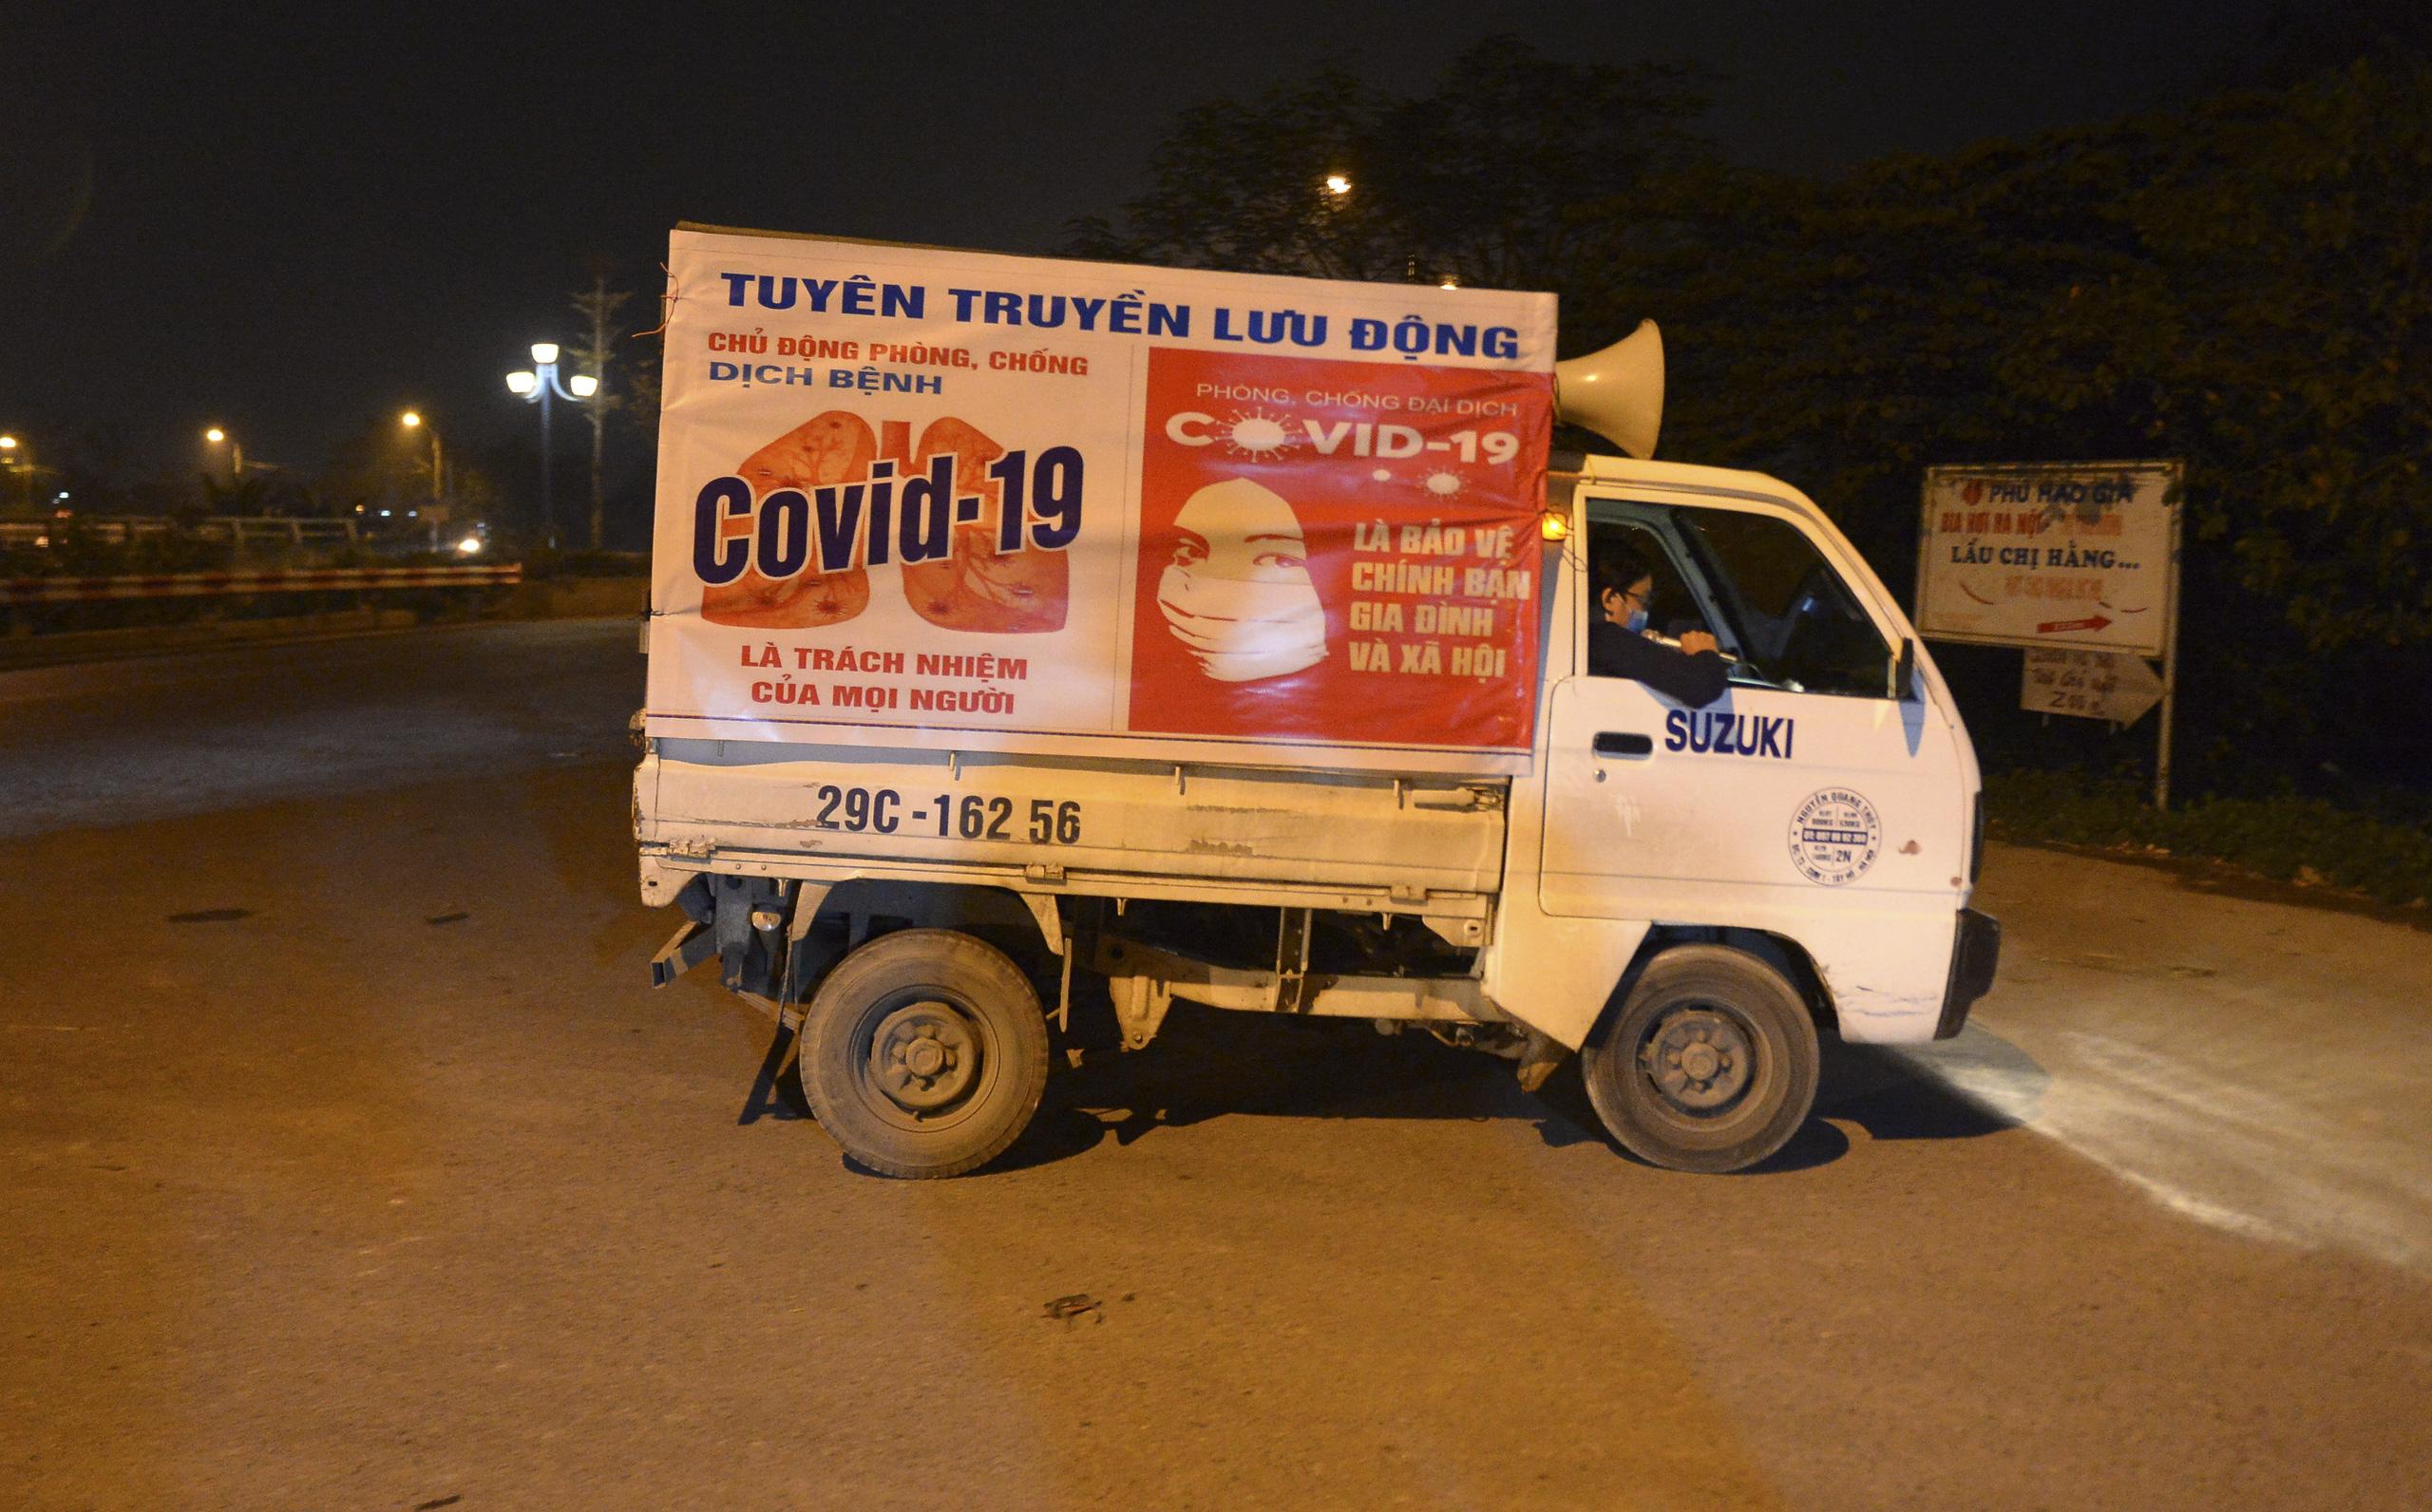 [Ảnh] Xe tuyên truyền phòng, chống COVID-19 ngày đêm đi quanh thôn có người dương tính SARS-CoV-2 ở Hà Nội - Ảnh 3.